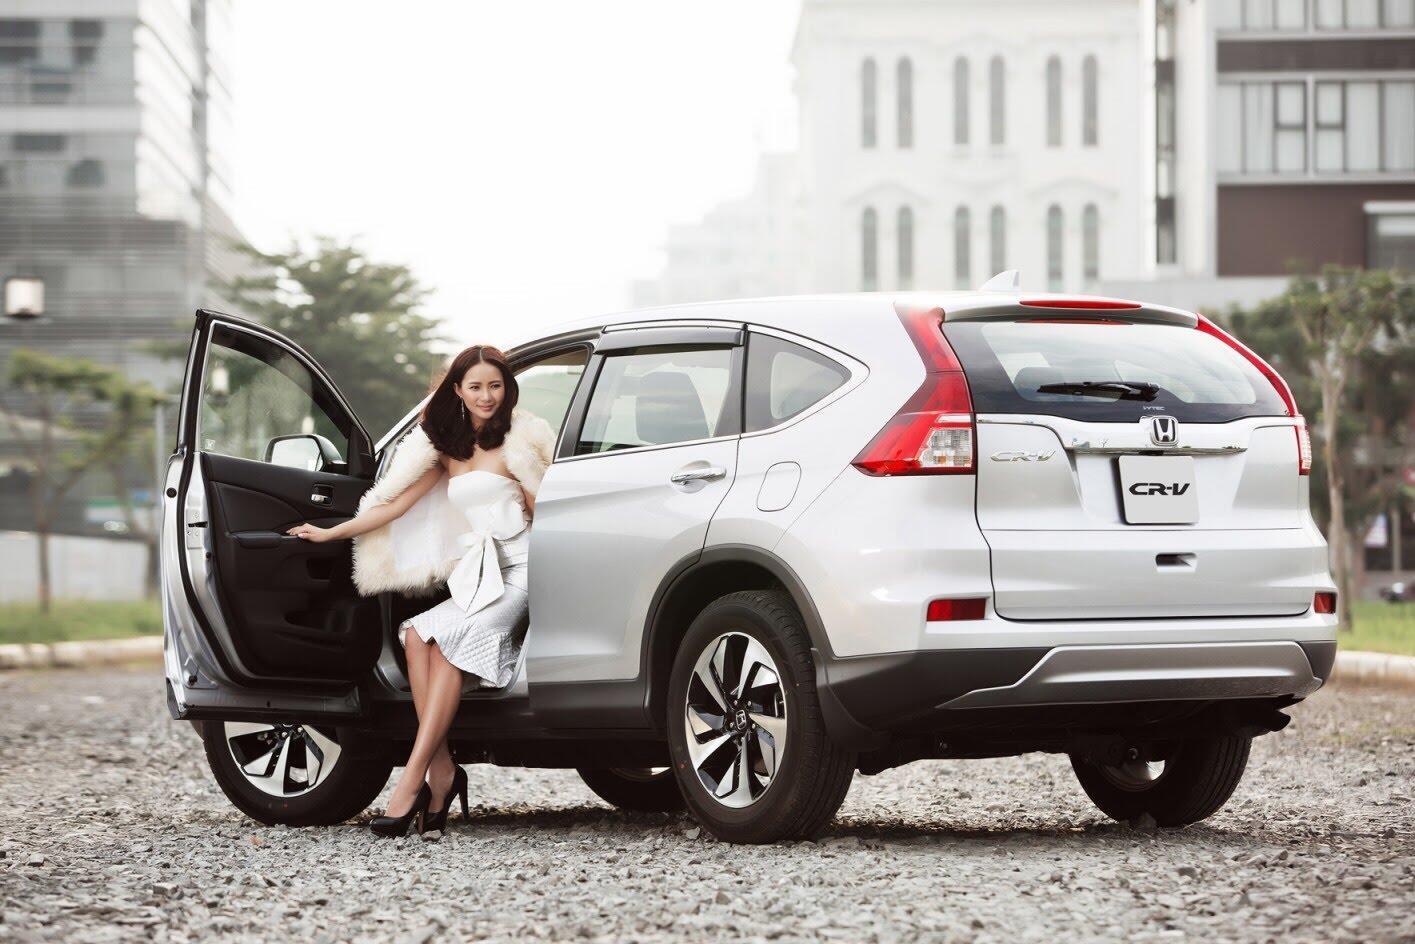 """Honda Việt Nam triển khai chương trình khuyến mại đặc biệt """"Mua CR-V, tặng ngay SH"""" - Hình 6"""